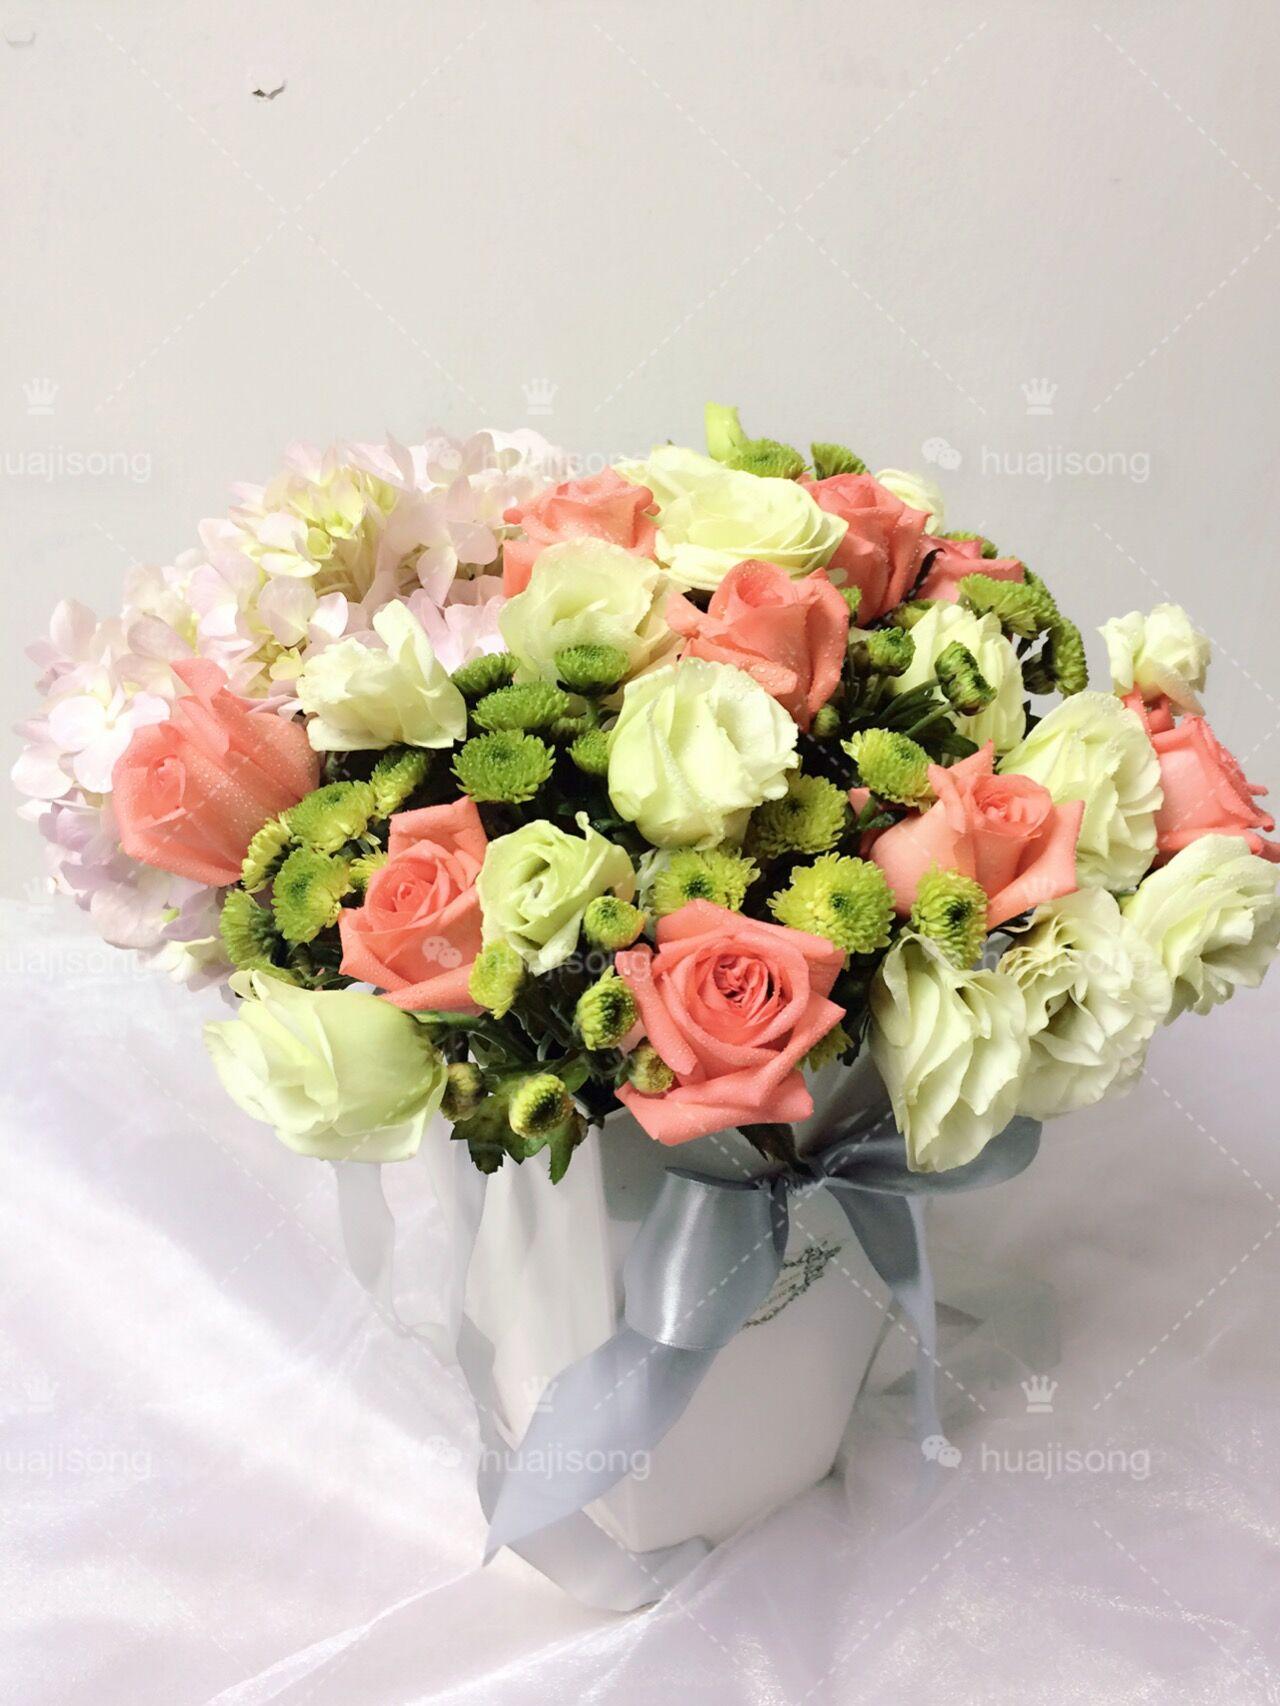 特价粉色玫瑰绣球洋桔梗小雏菊混搭花束韩国进口花桶礼盒西安花店